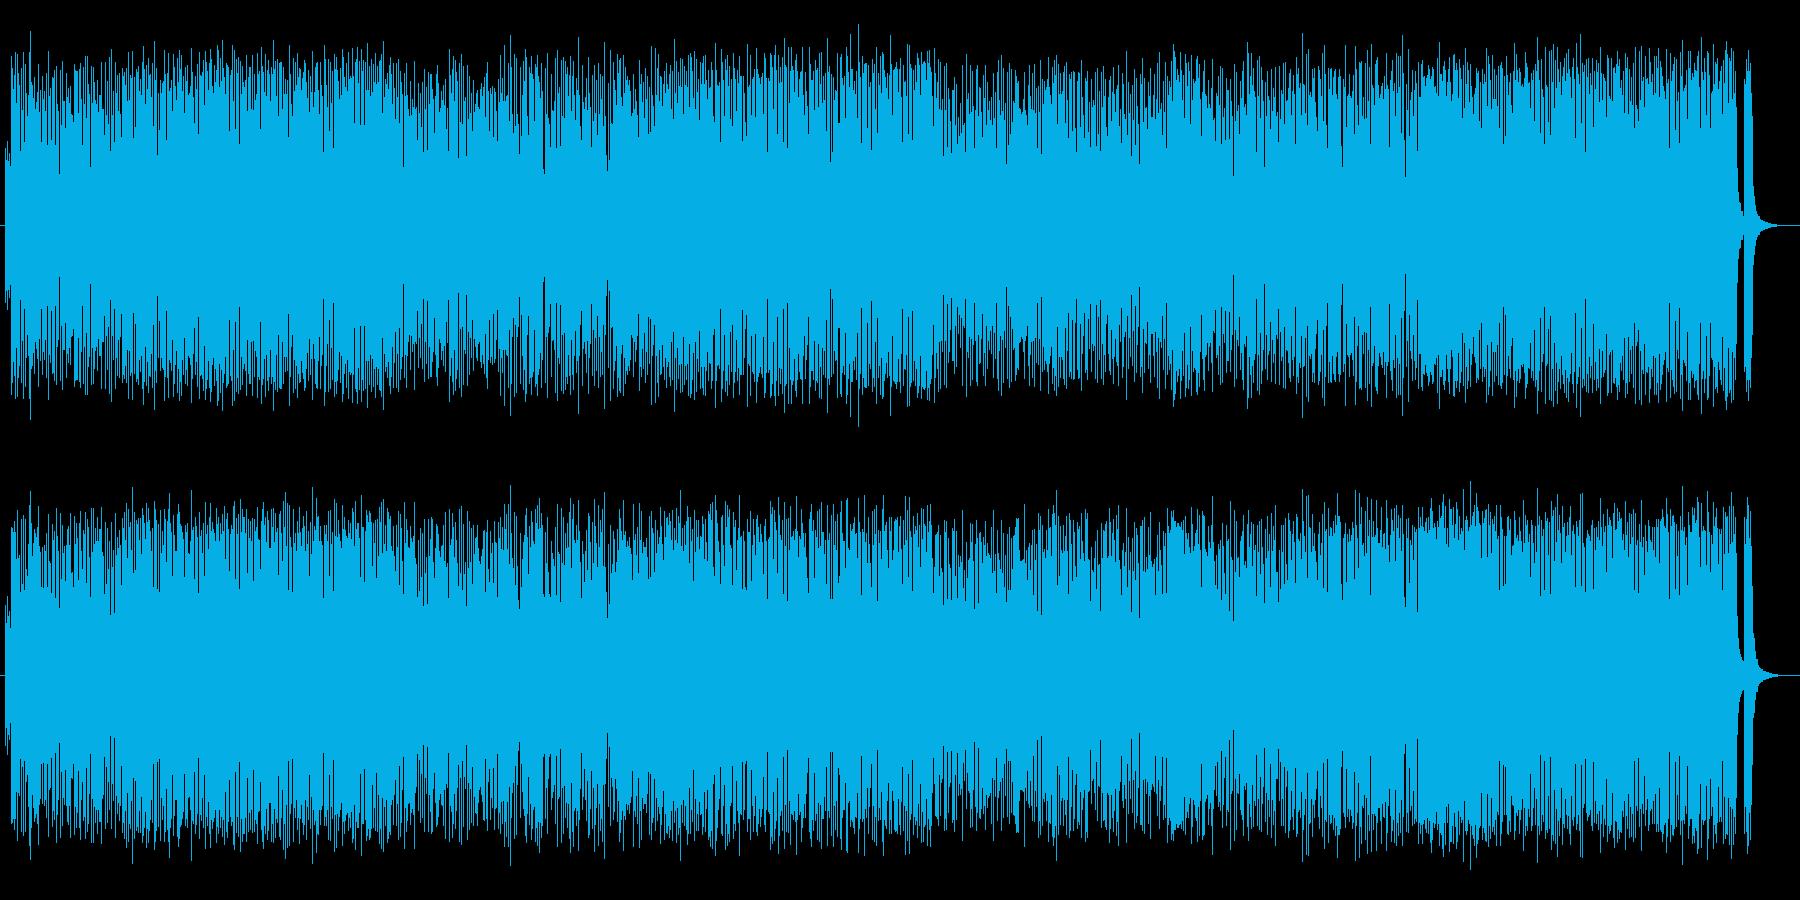 ワクワクするような軽快なサウンドの再生済みの波形